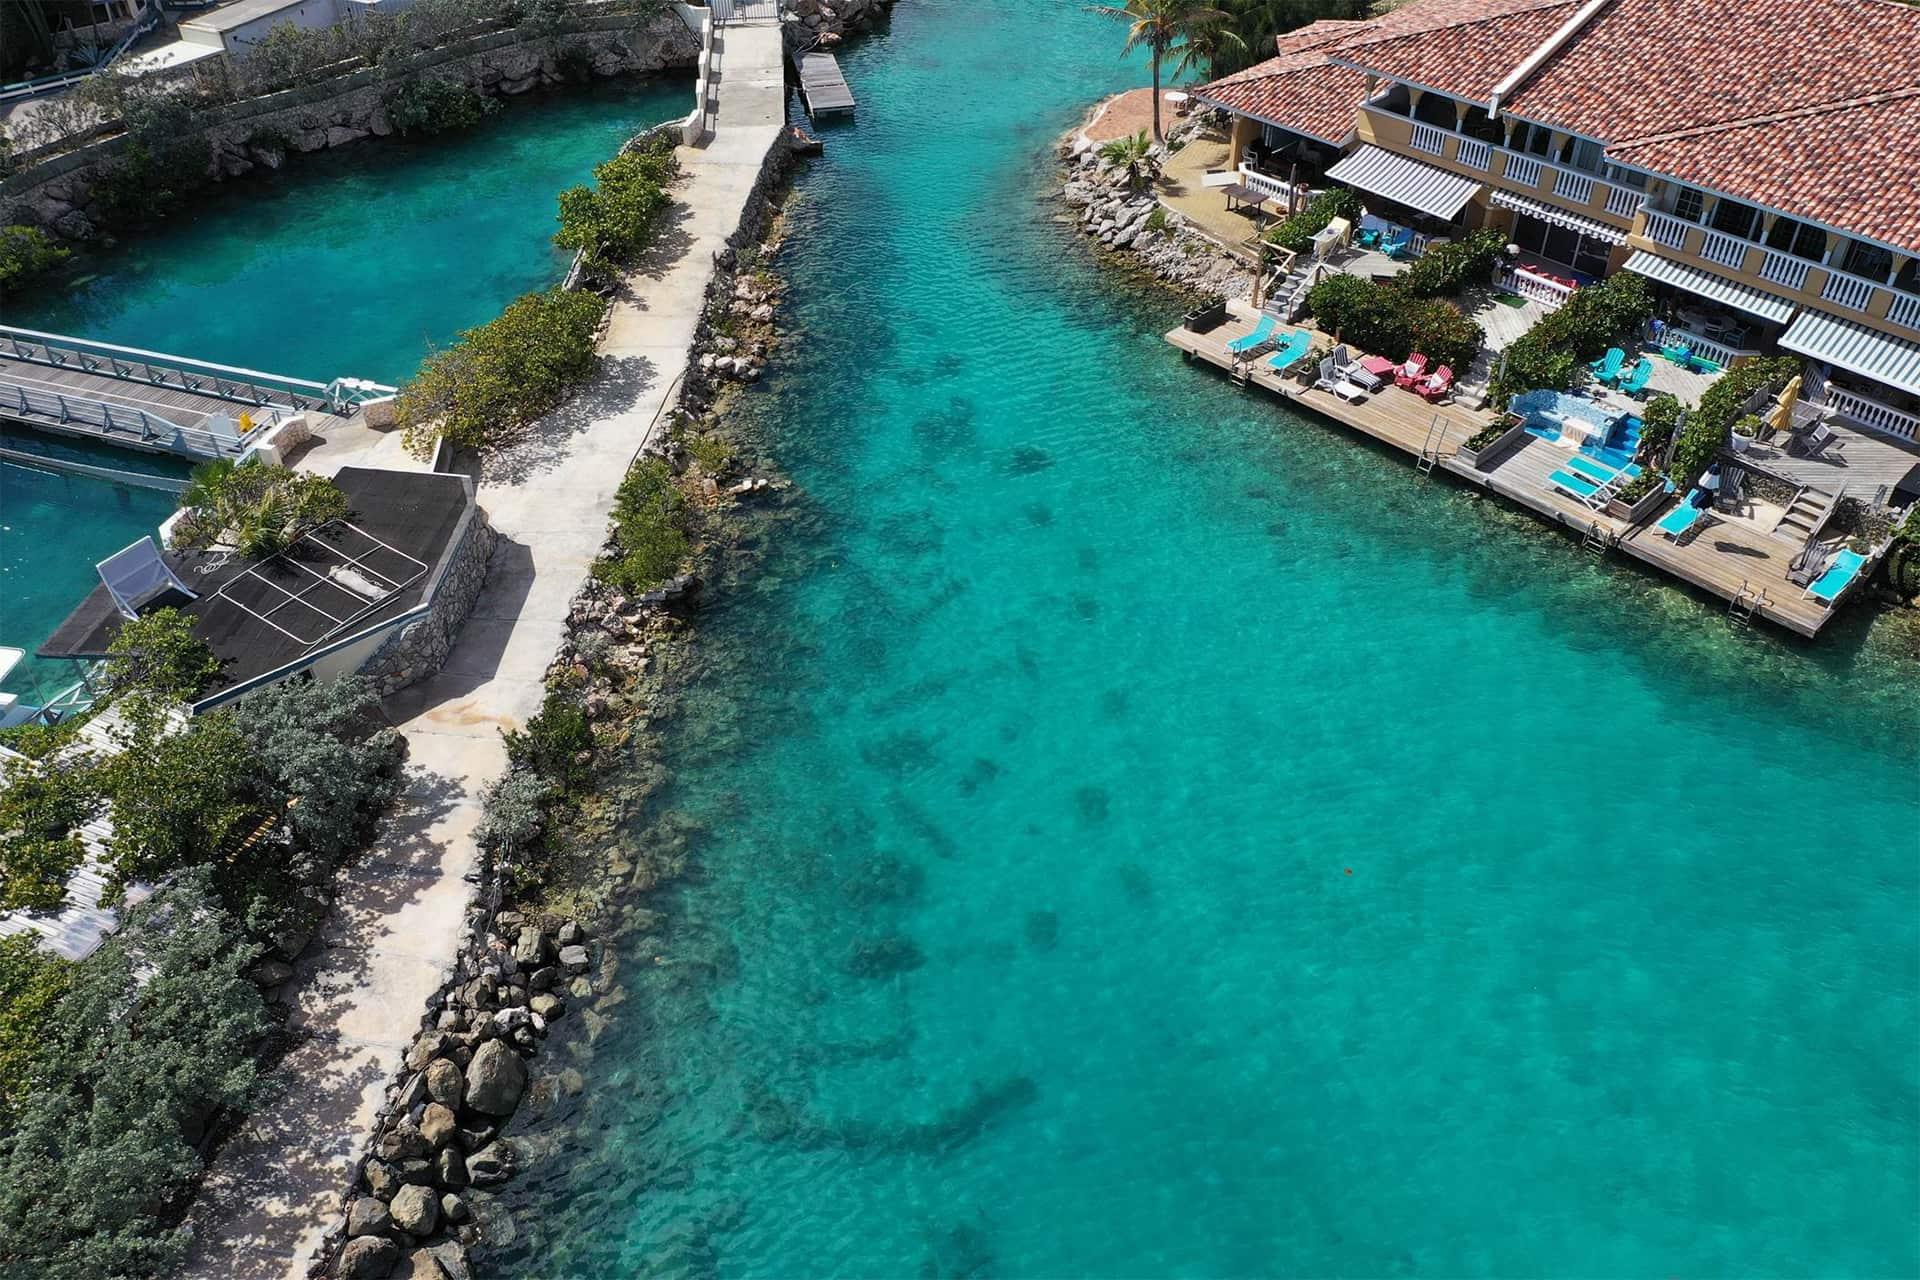 Curaçao Sea Aquarium kanaal restauratieproject bestaat uit verschillende projecten die bijdragen aan de rif.